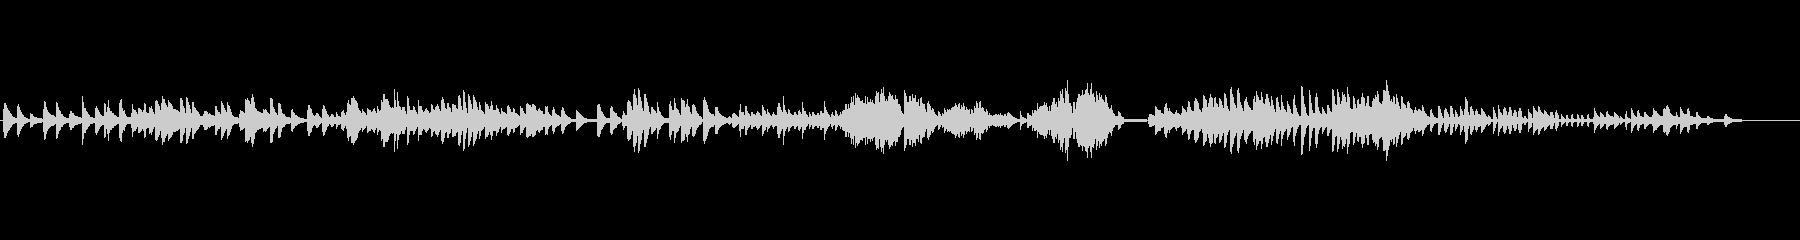 冬に聴きたいベートーヴェンのピアノソロの未再生の波形